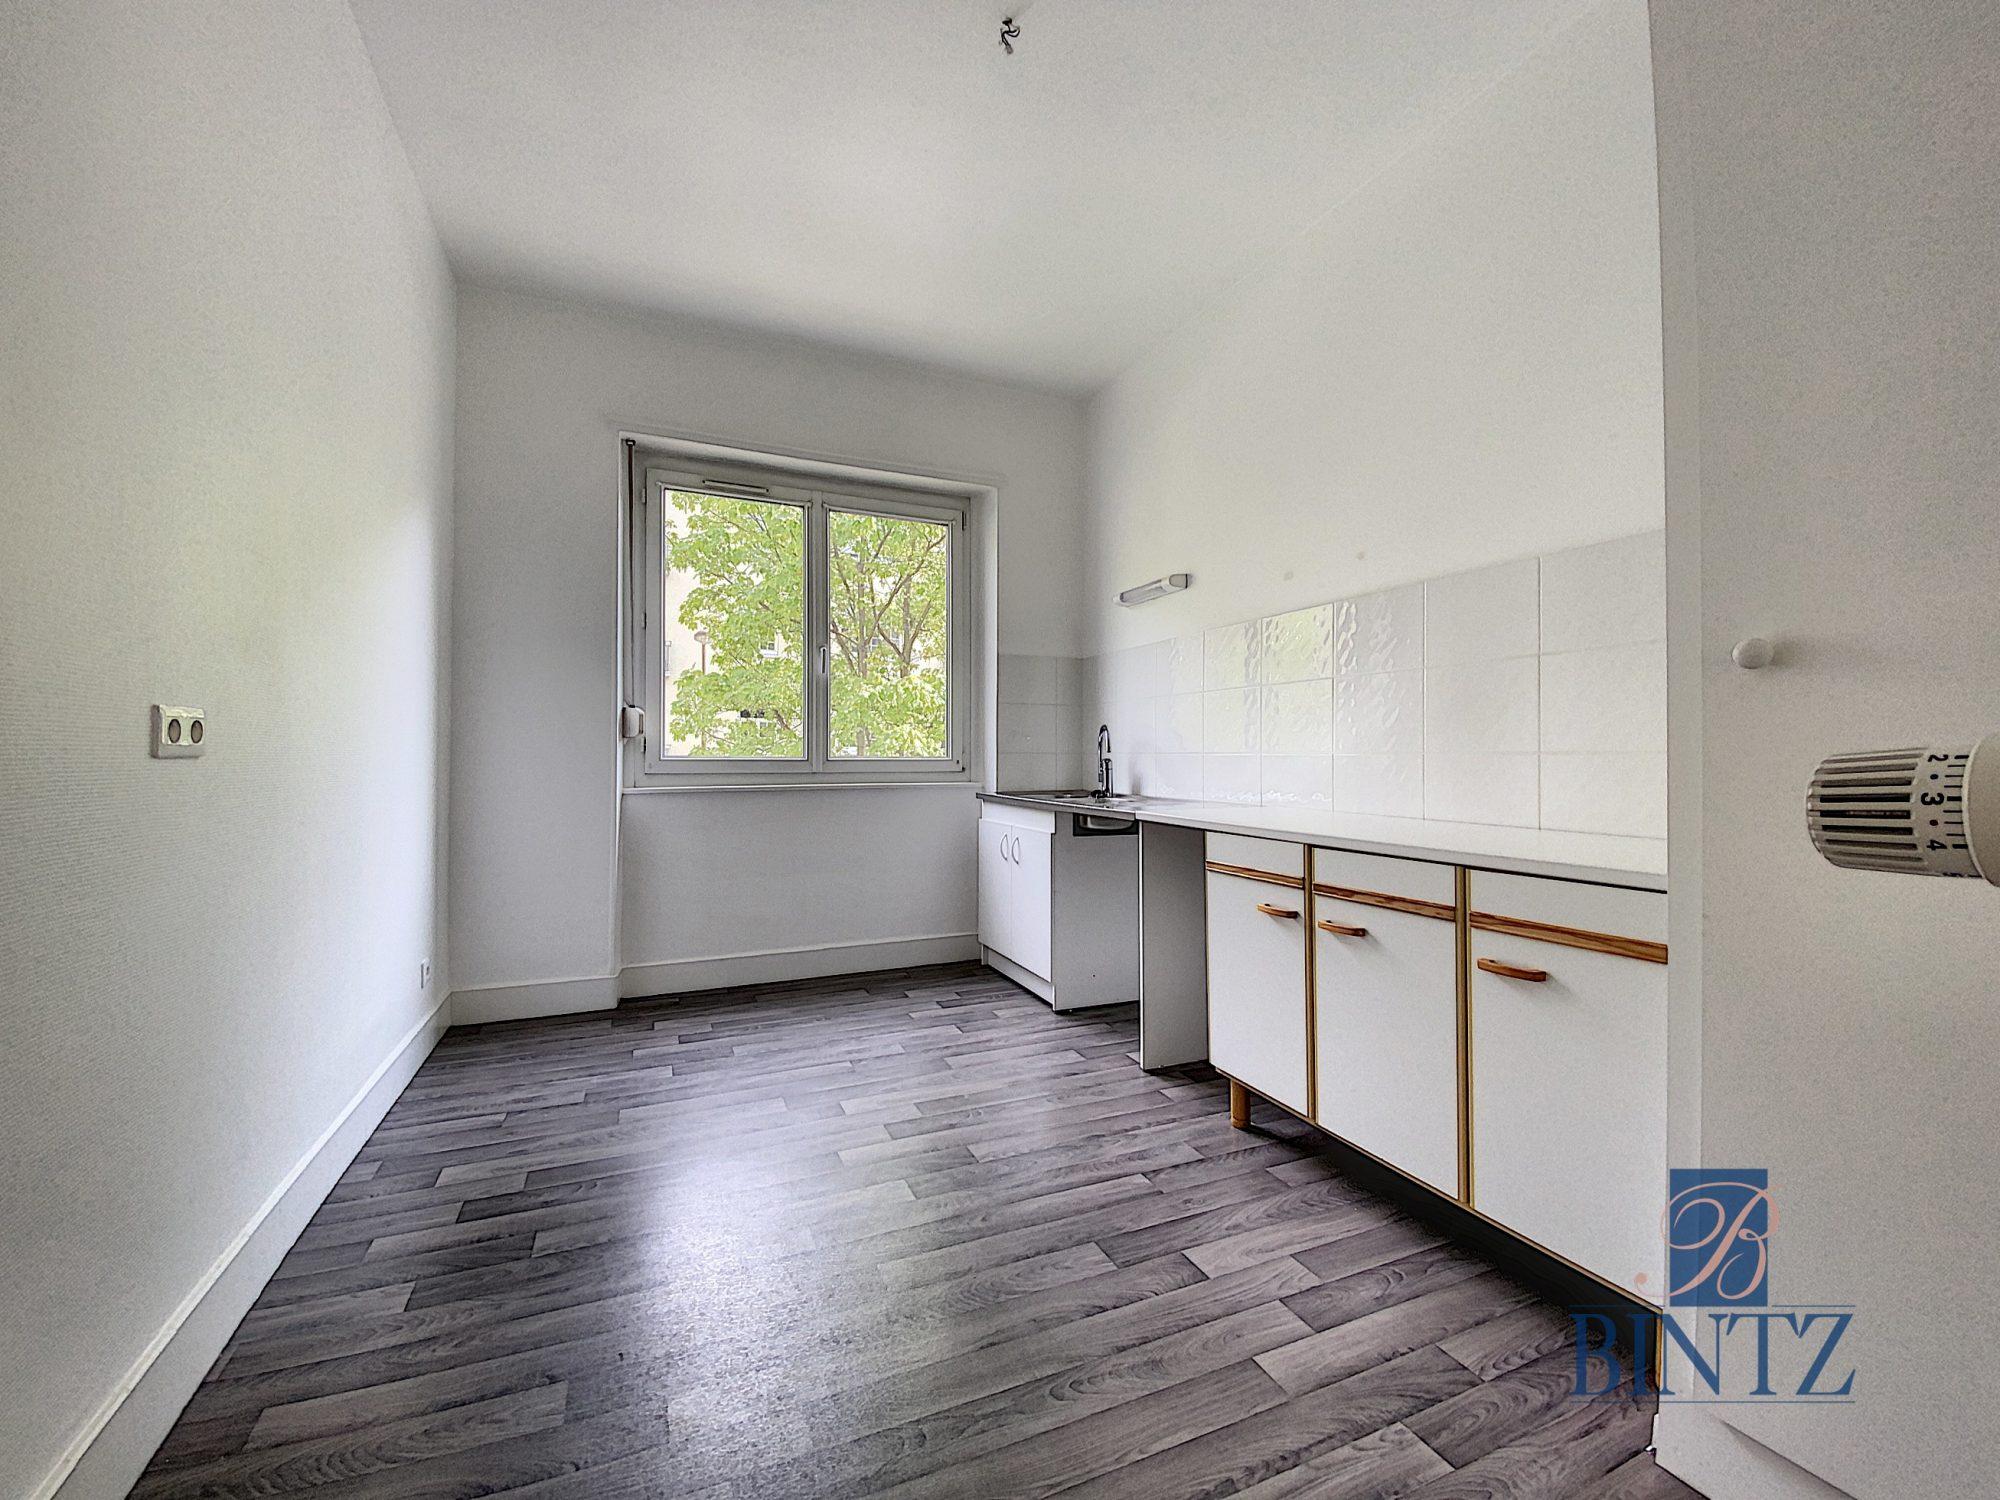 DEUX PIECES RENOVE ORANGERIE - Devenez locataire en toute sérénité - Bintz Immobilier - 9